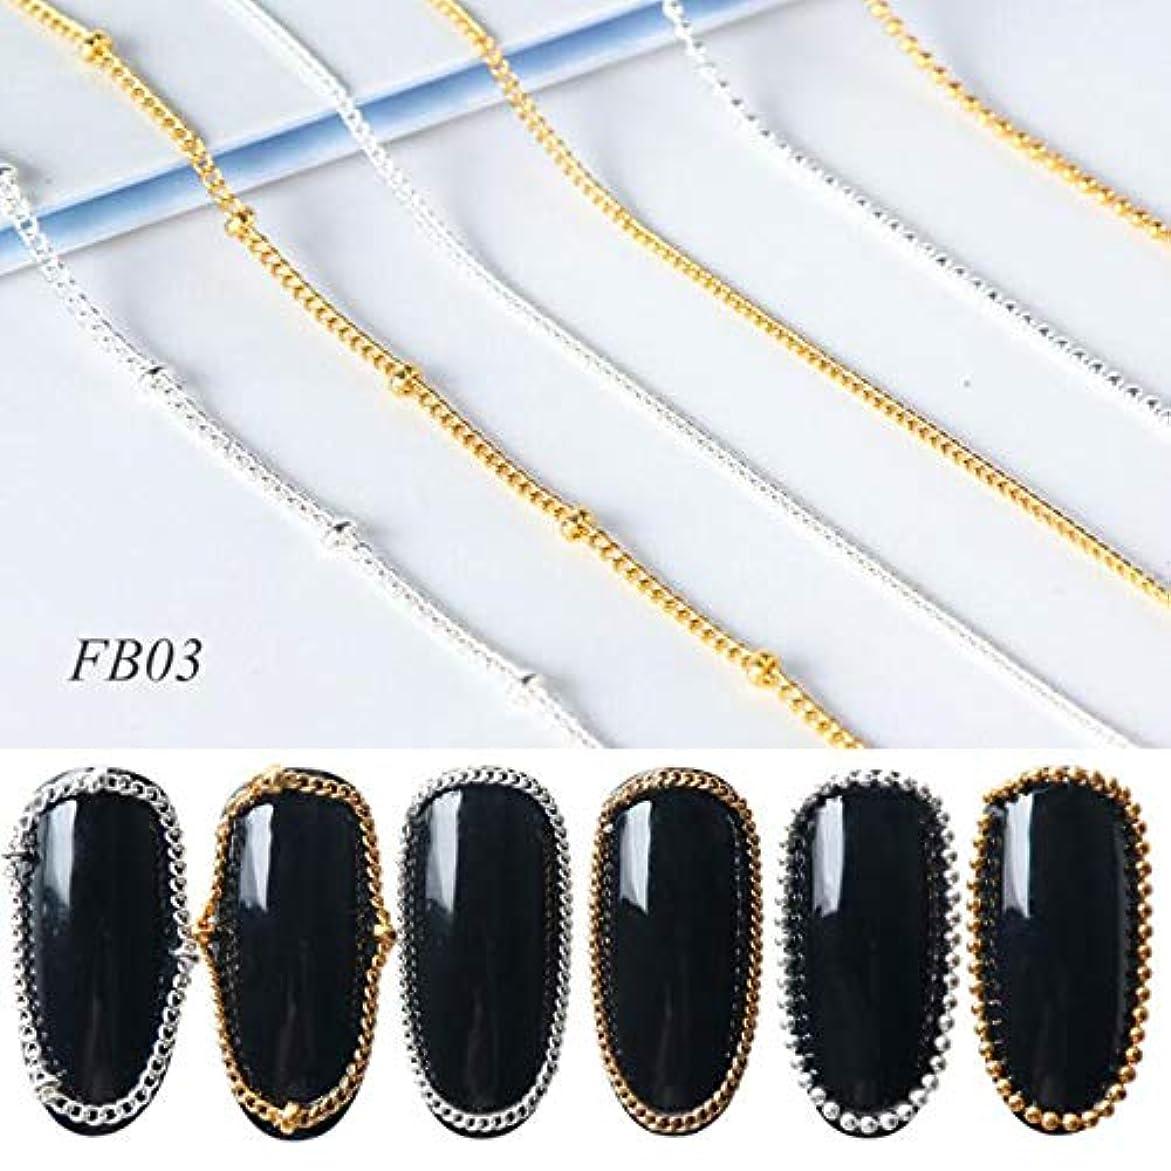 まさに唇貢献する6PCSラインストーンのために釘リンクチェーンネイルアートゴールド合金ラインストーンの装飾3Dダイヤモンドストーンチャームジュエリーアクセサリー,3